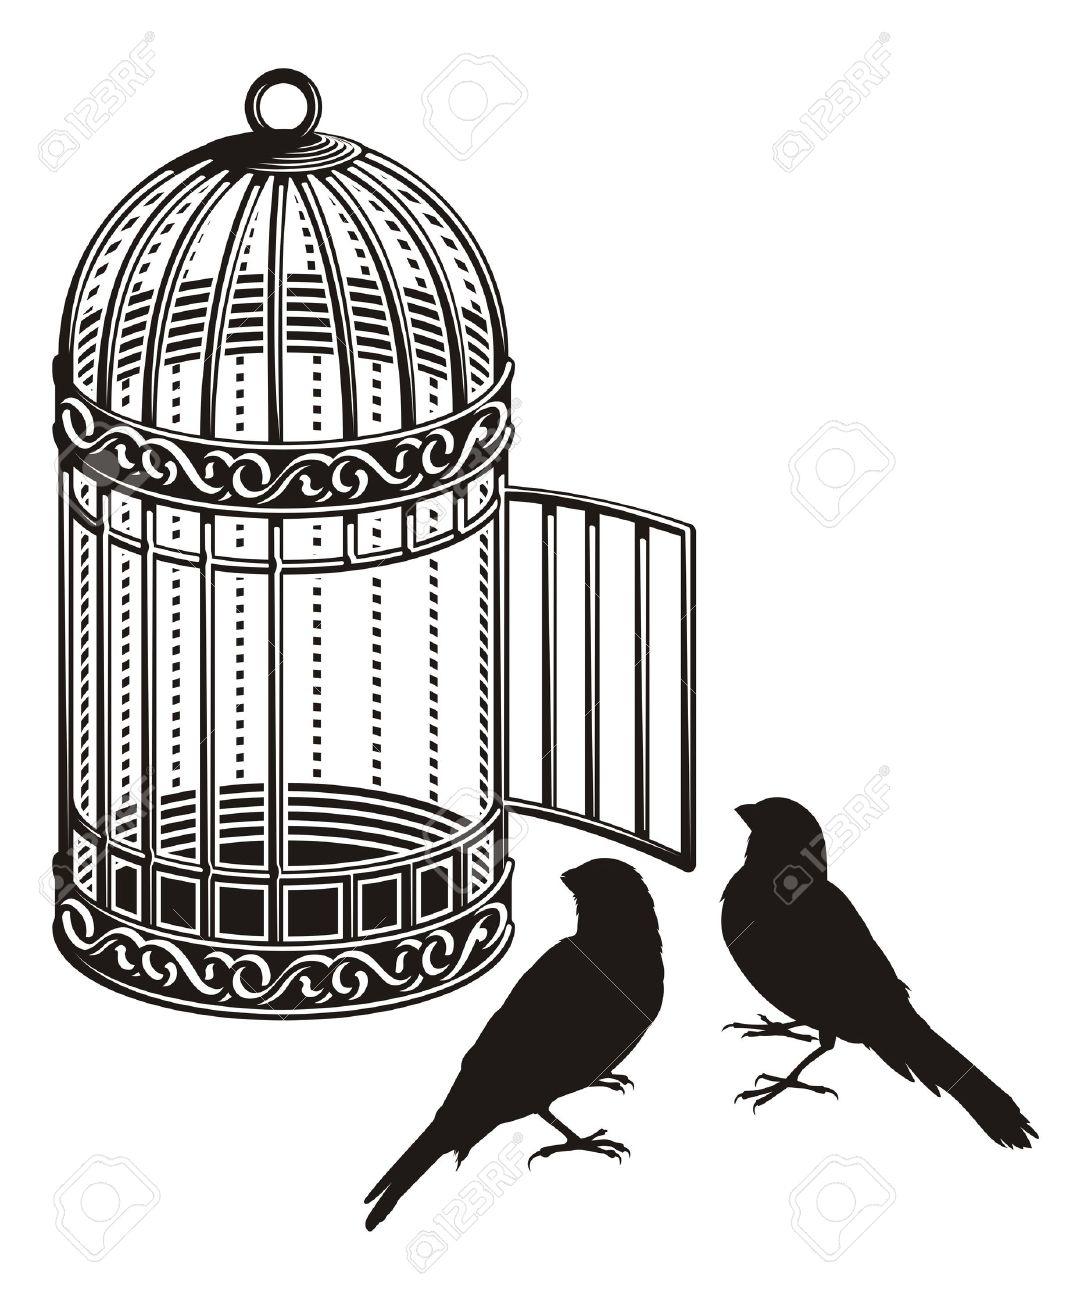 Cage À Oiseaux Métallique Avec Porte Ouverte Et Les Deux Silhouettes  D'oiseaux. dedans Dessin De Cage D Oiseau